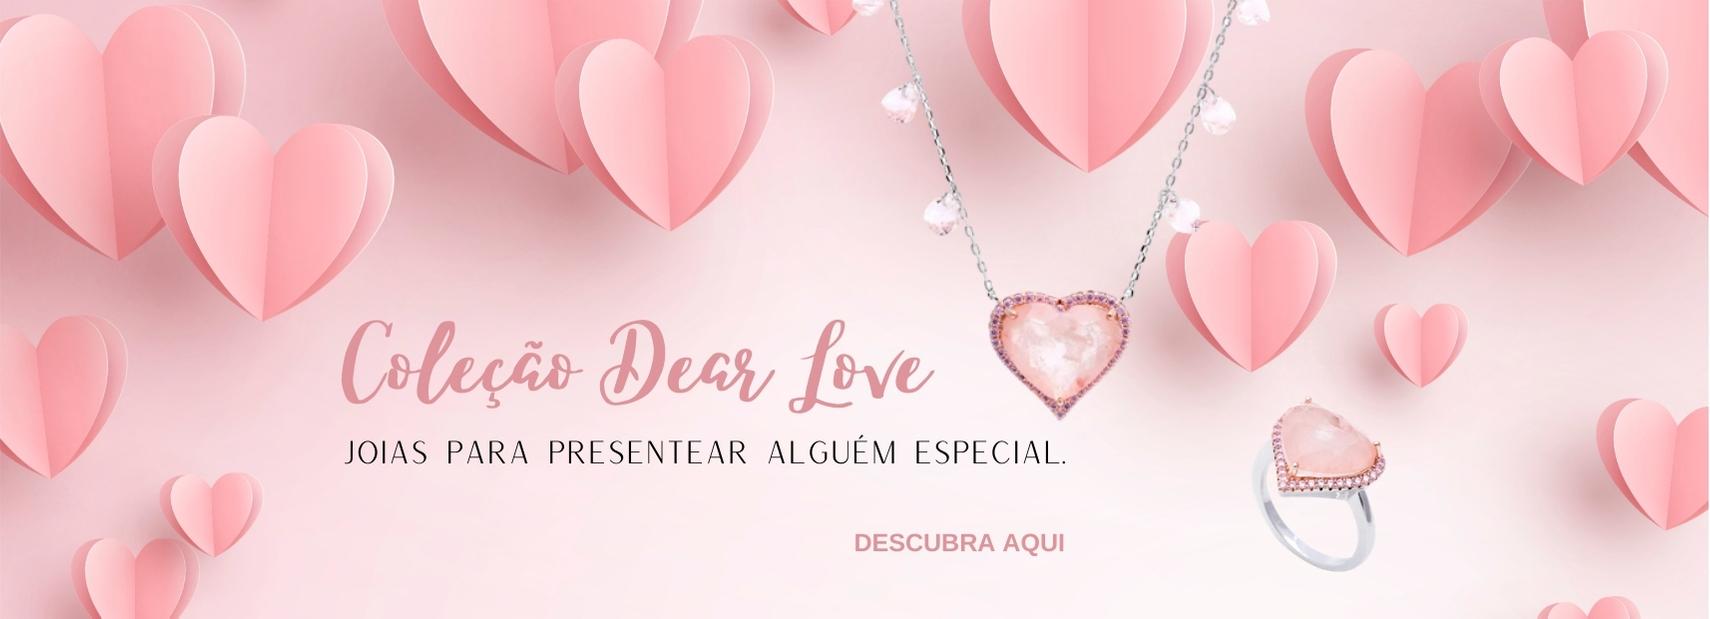 Banner Dear Love - Mães